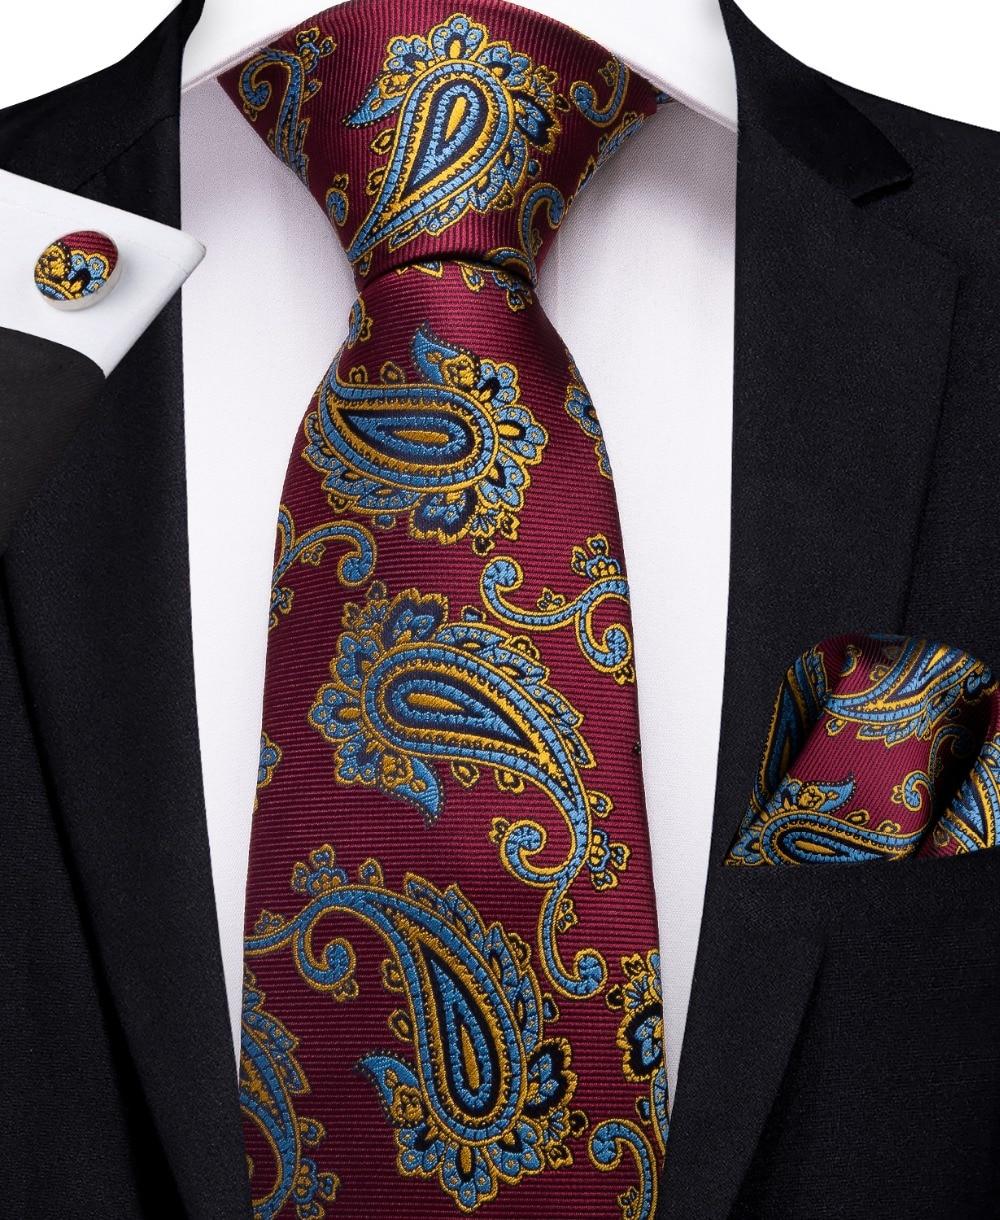 New Men/'s Classic Paisley Silk Necktie Handkerchief Set Party Jacquard Suit Tie